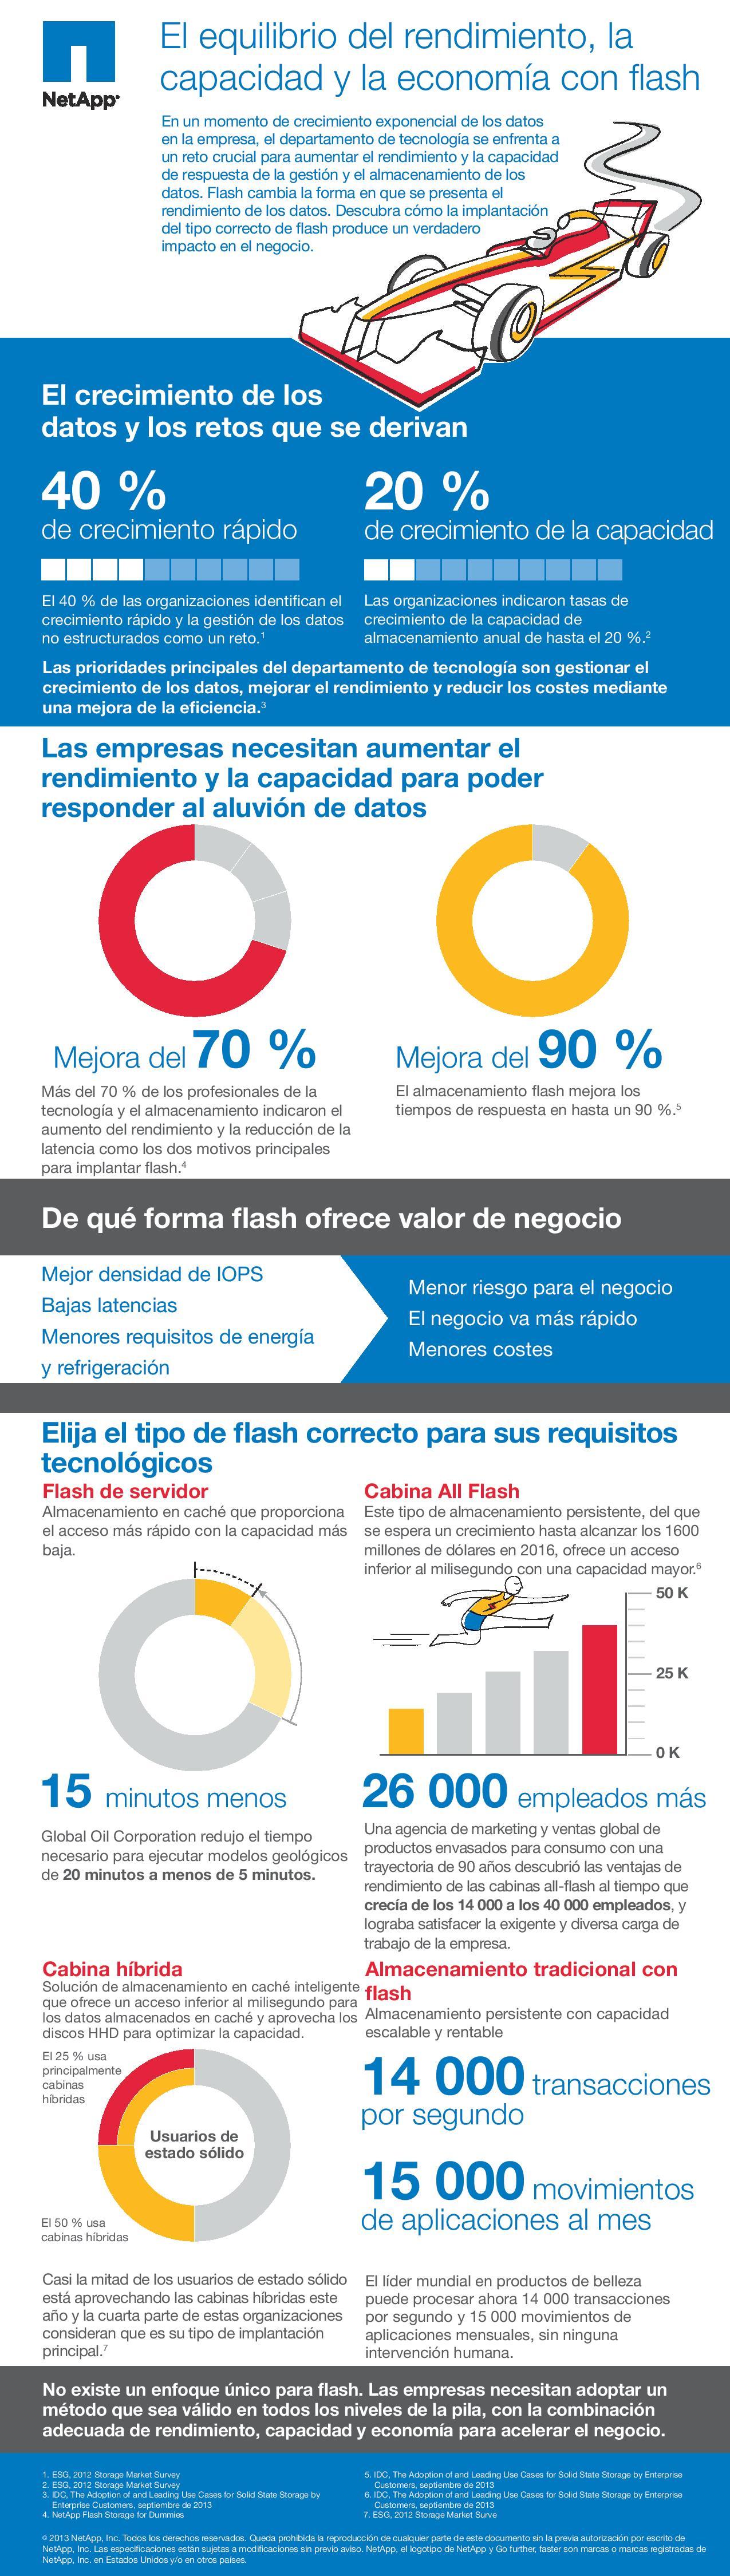 Infografía del rendimiento Flash